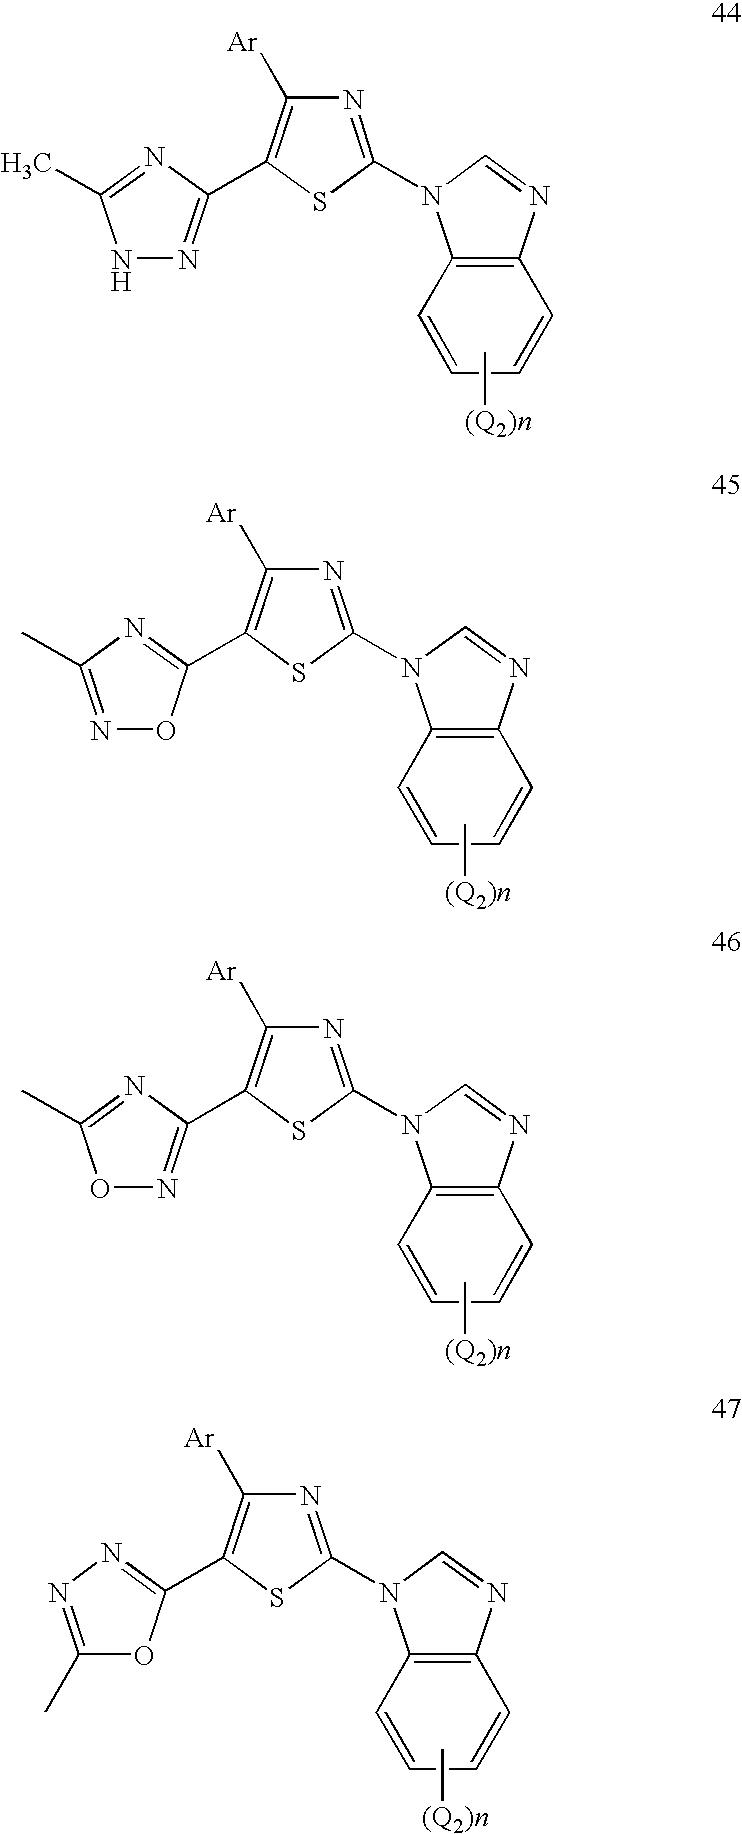 Figure US07504513-20090317-C00049